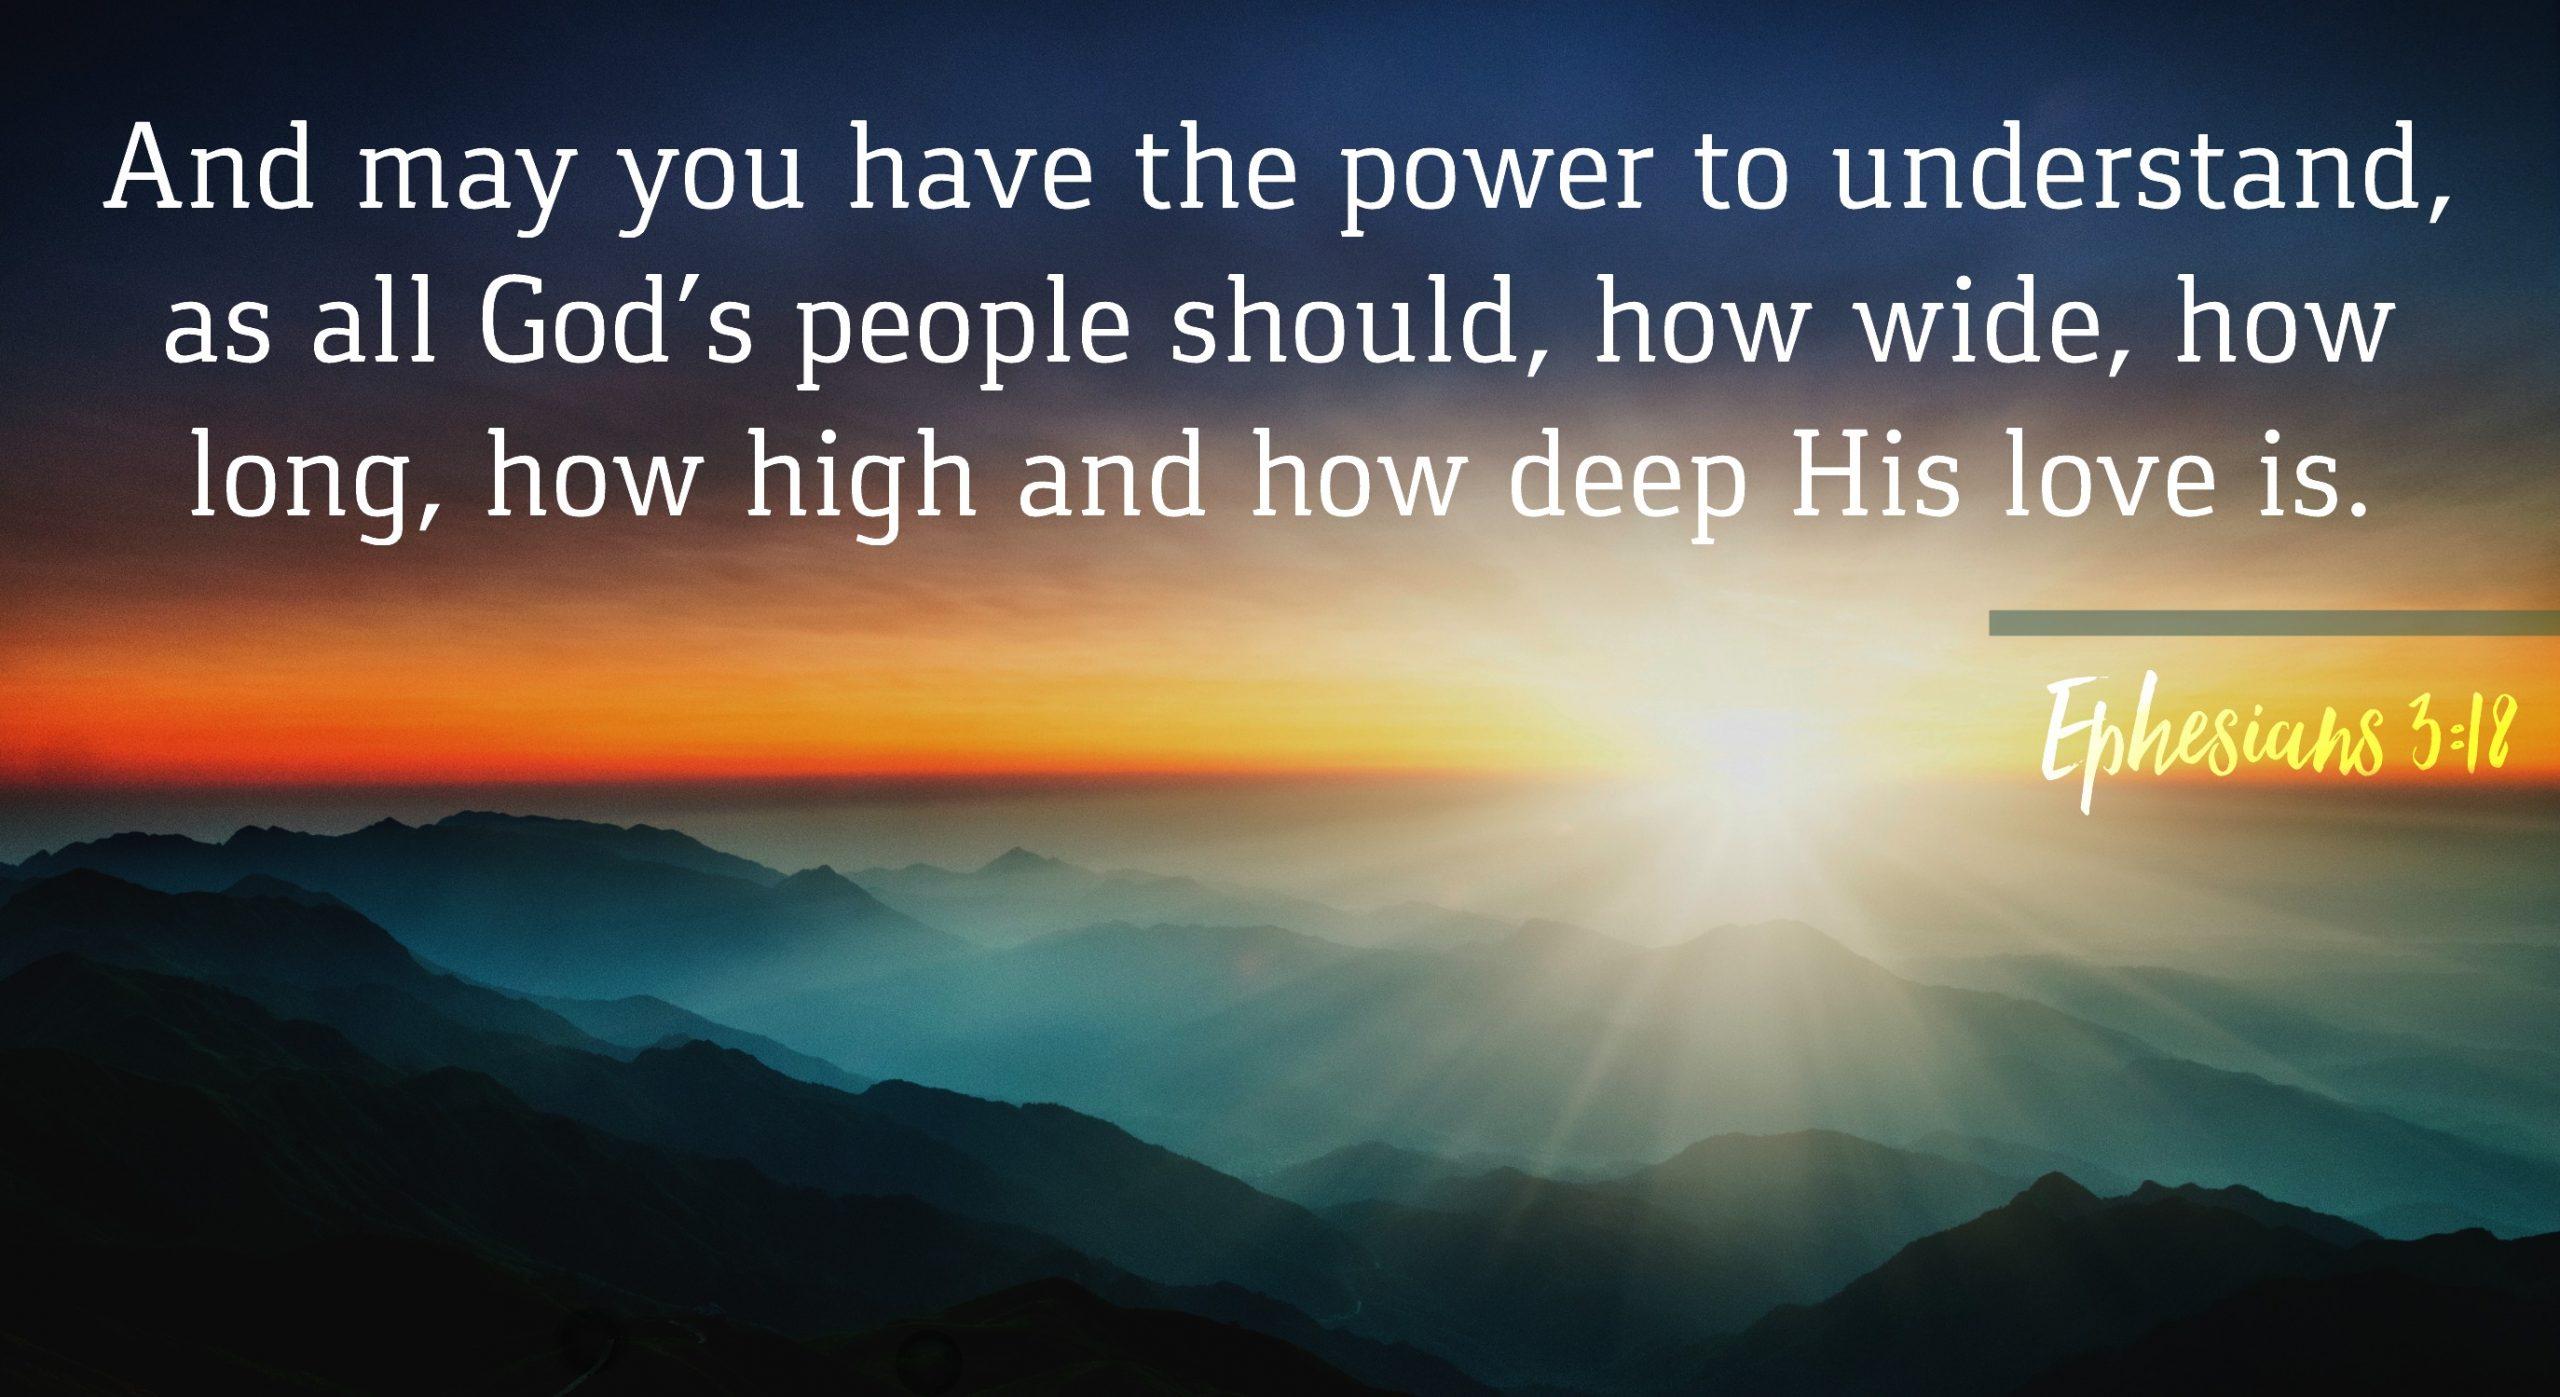 Ephesians 3:18